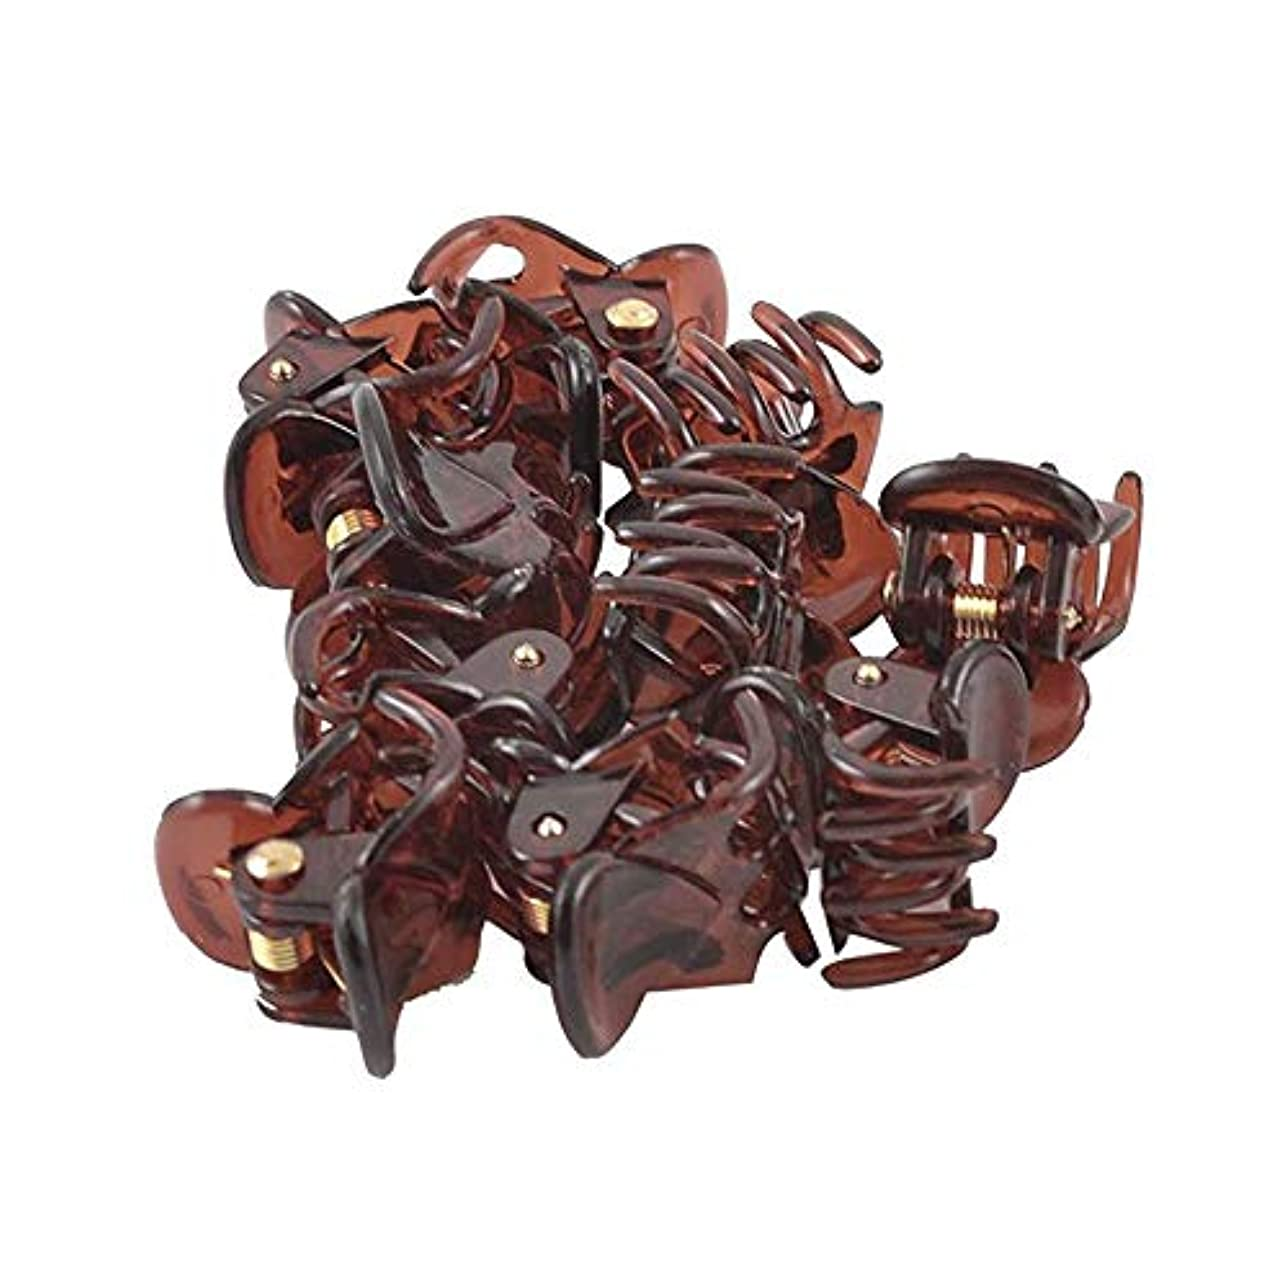 アンケートテレックス敬12ピースのヘアクリップ ミニクリップ 軽量でスタイリッシュな 楽しい外観 かわいい装飾